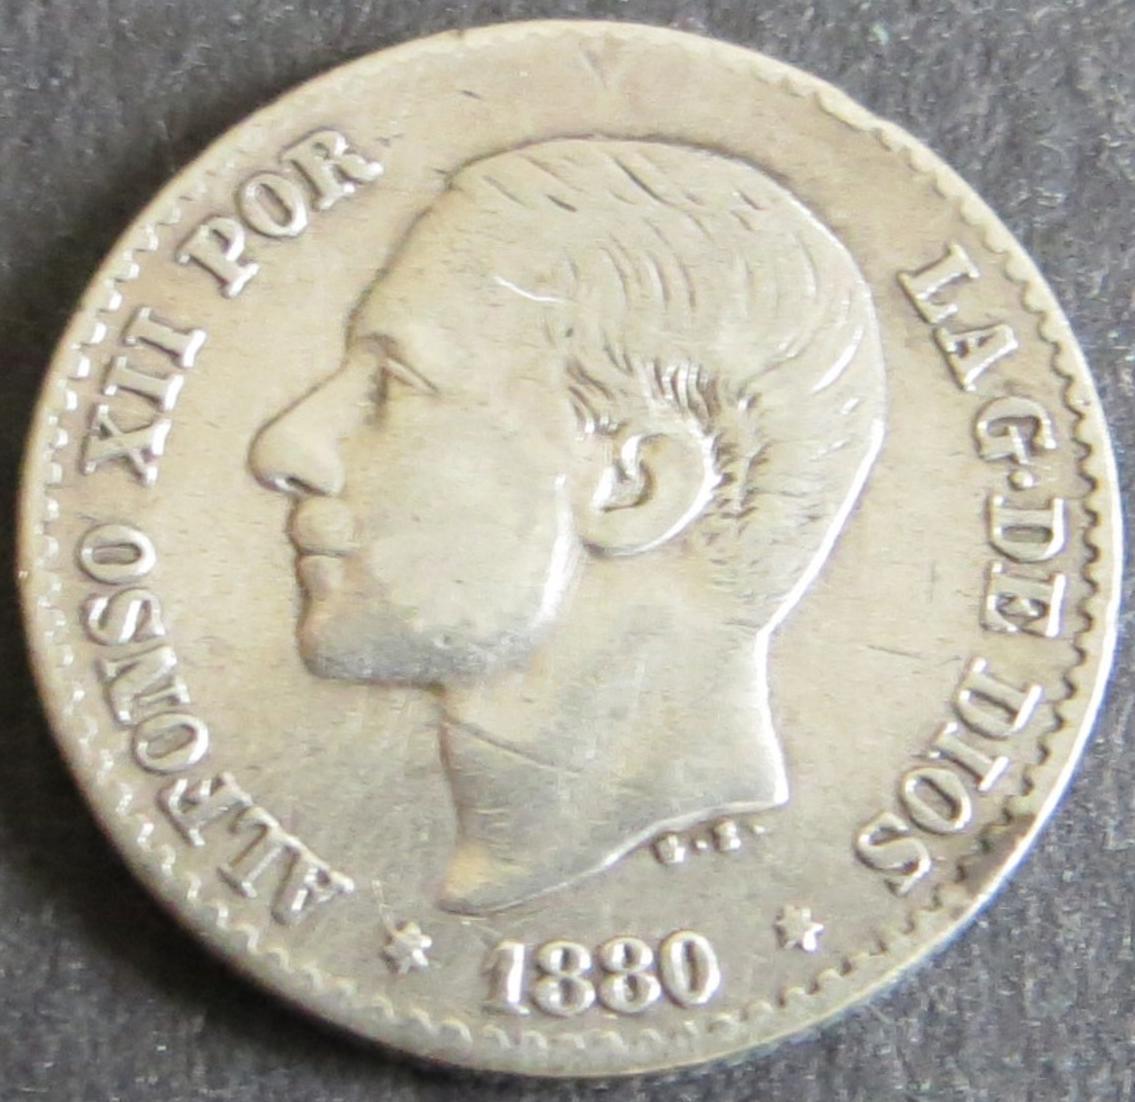 Münze Spanien Alfonso XII 50 Centimos 1880 vzgl. Schön: 163